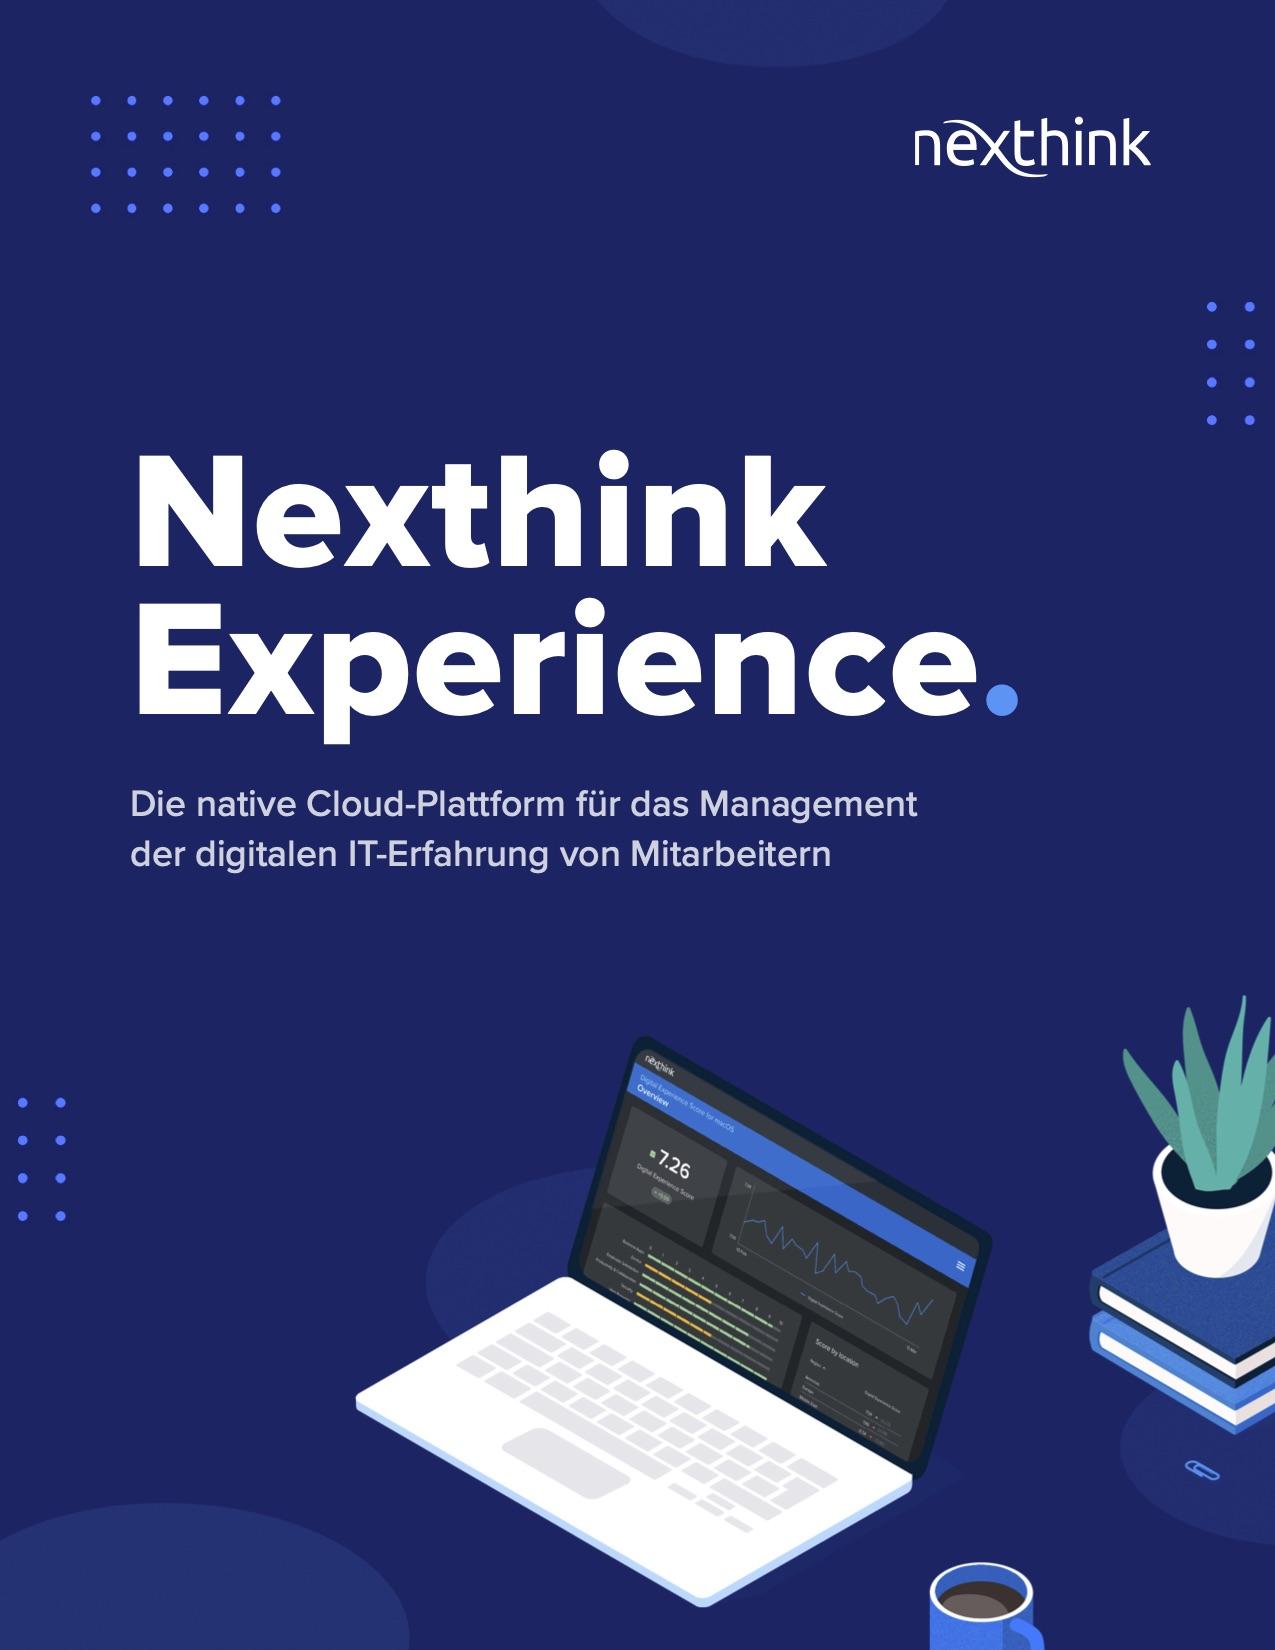 Überblick über die Nexthink Experience Plattform